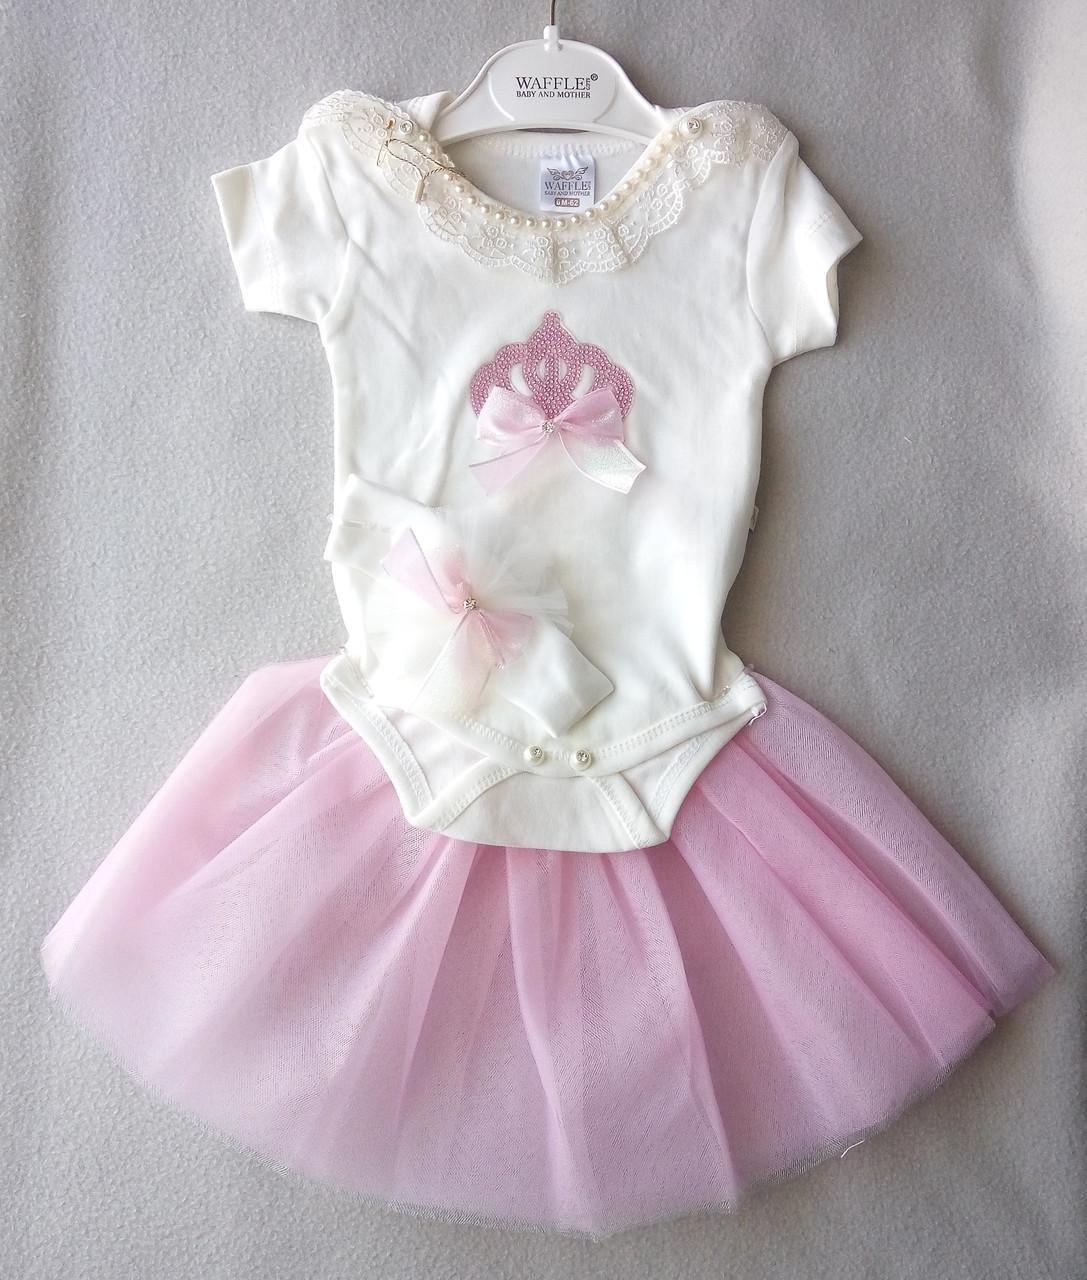 Нарядный костюм с боди для новорожденных, на девочек 0-6 месяцев